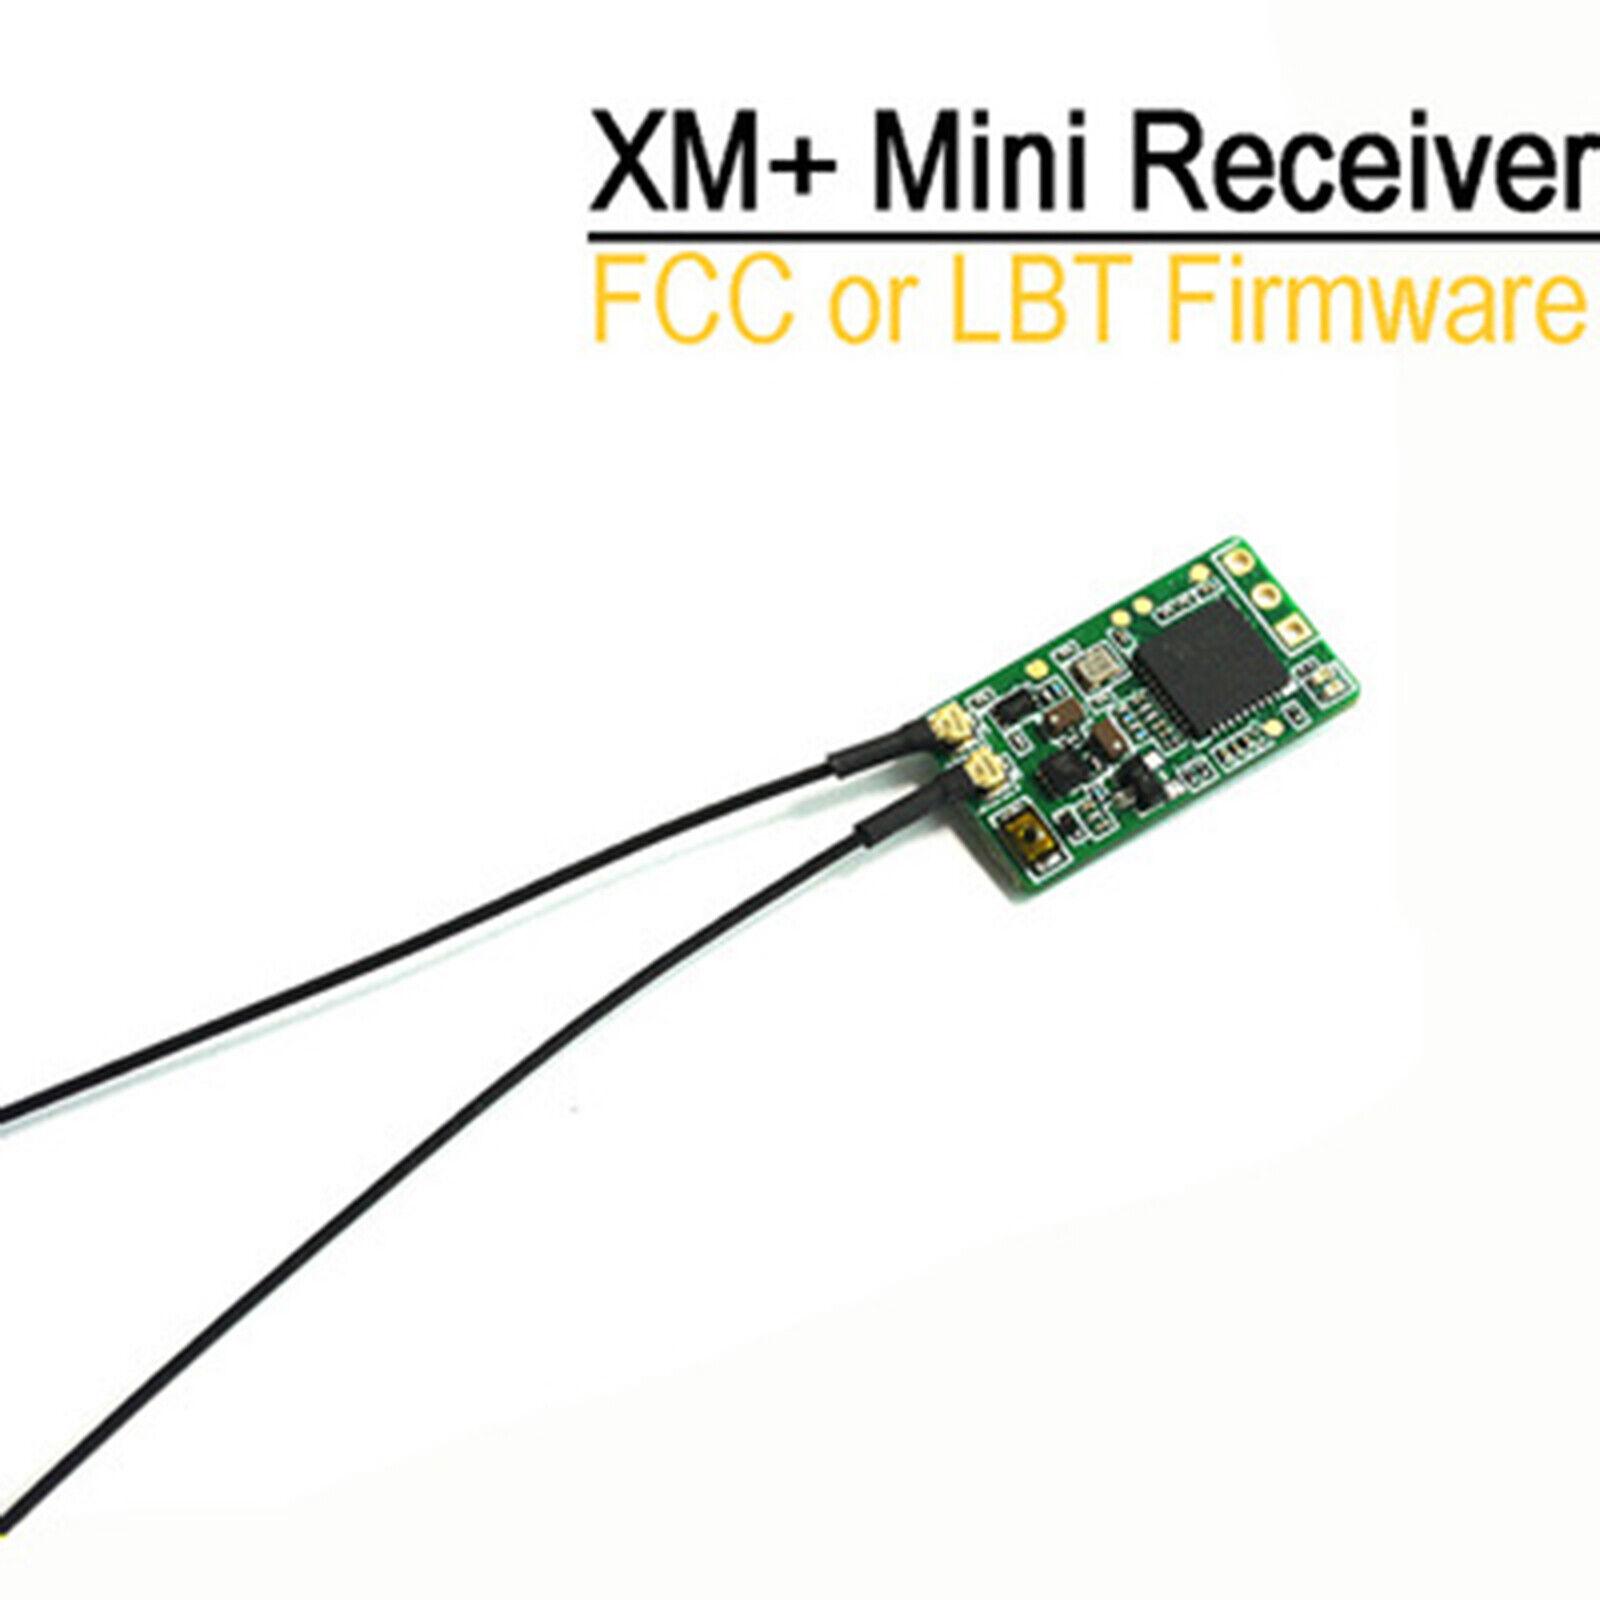 16CH MINI XM XM+ PLUS Receiver PWM SBUS FCC Or LBT Firmware Part for Frsky Drone